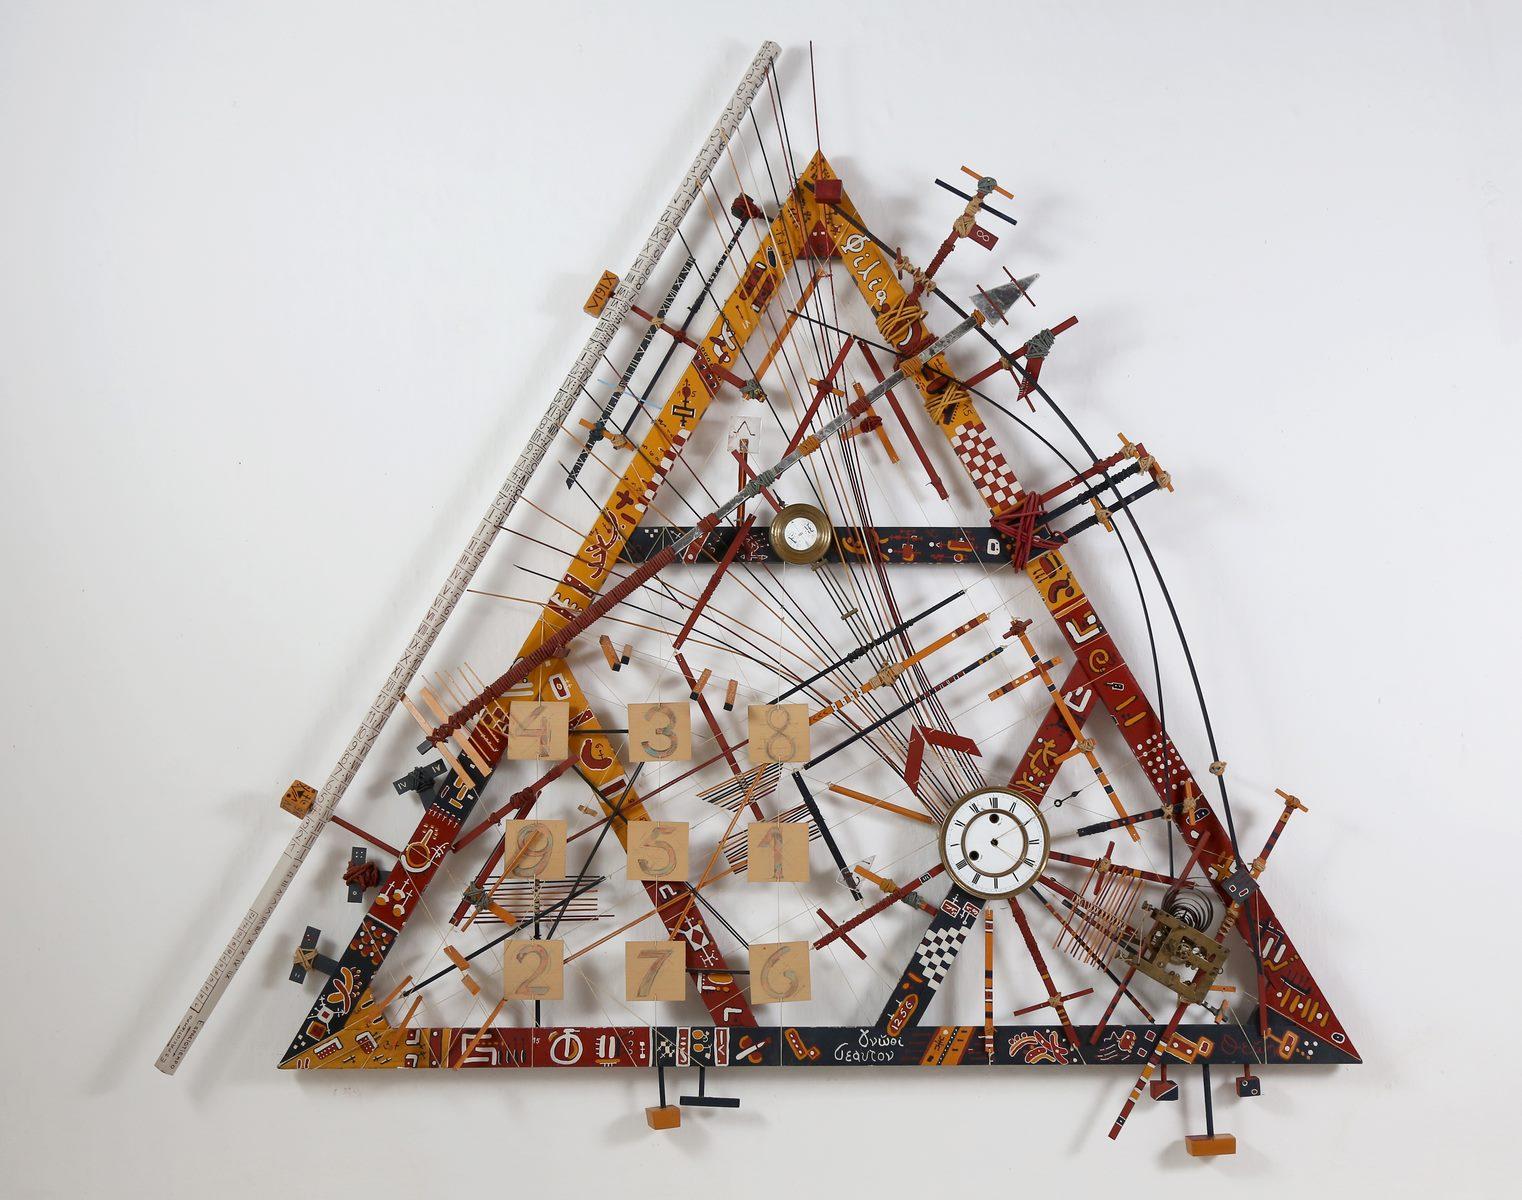 """Exposición """"Ultraconceptos"""" del artista Juan Vallejo 11"""